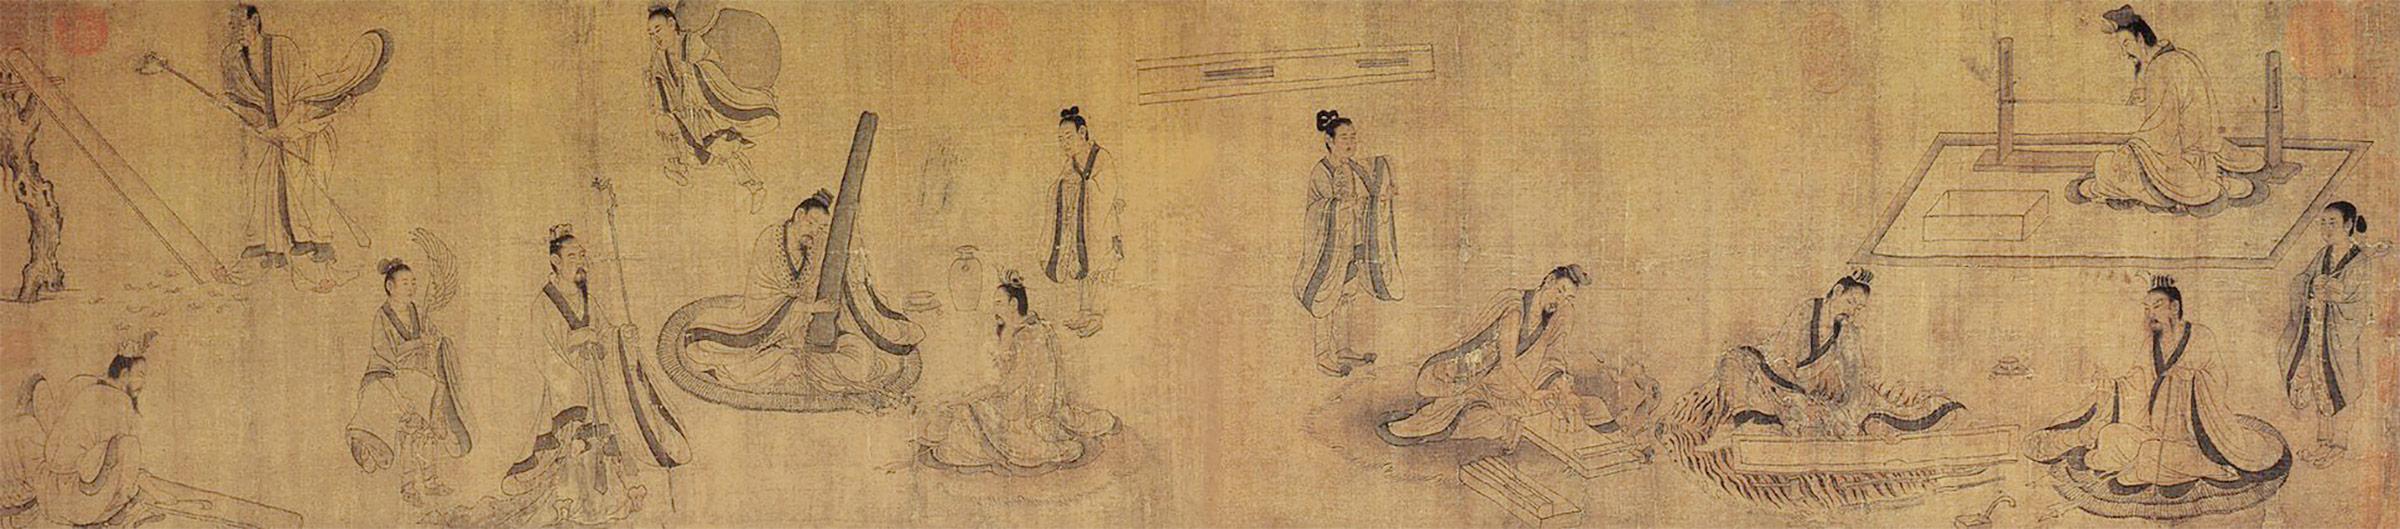 Etapes de la fabrication d'un qin, copie d'époque Song d'une peinture de Gu Kaizhi